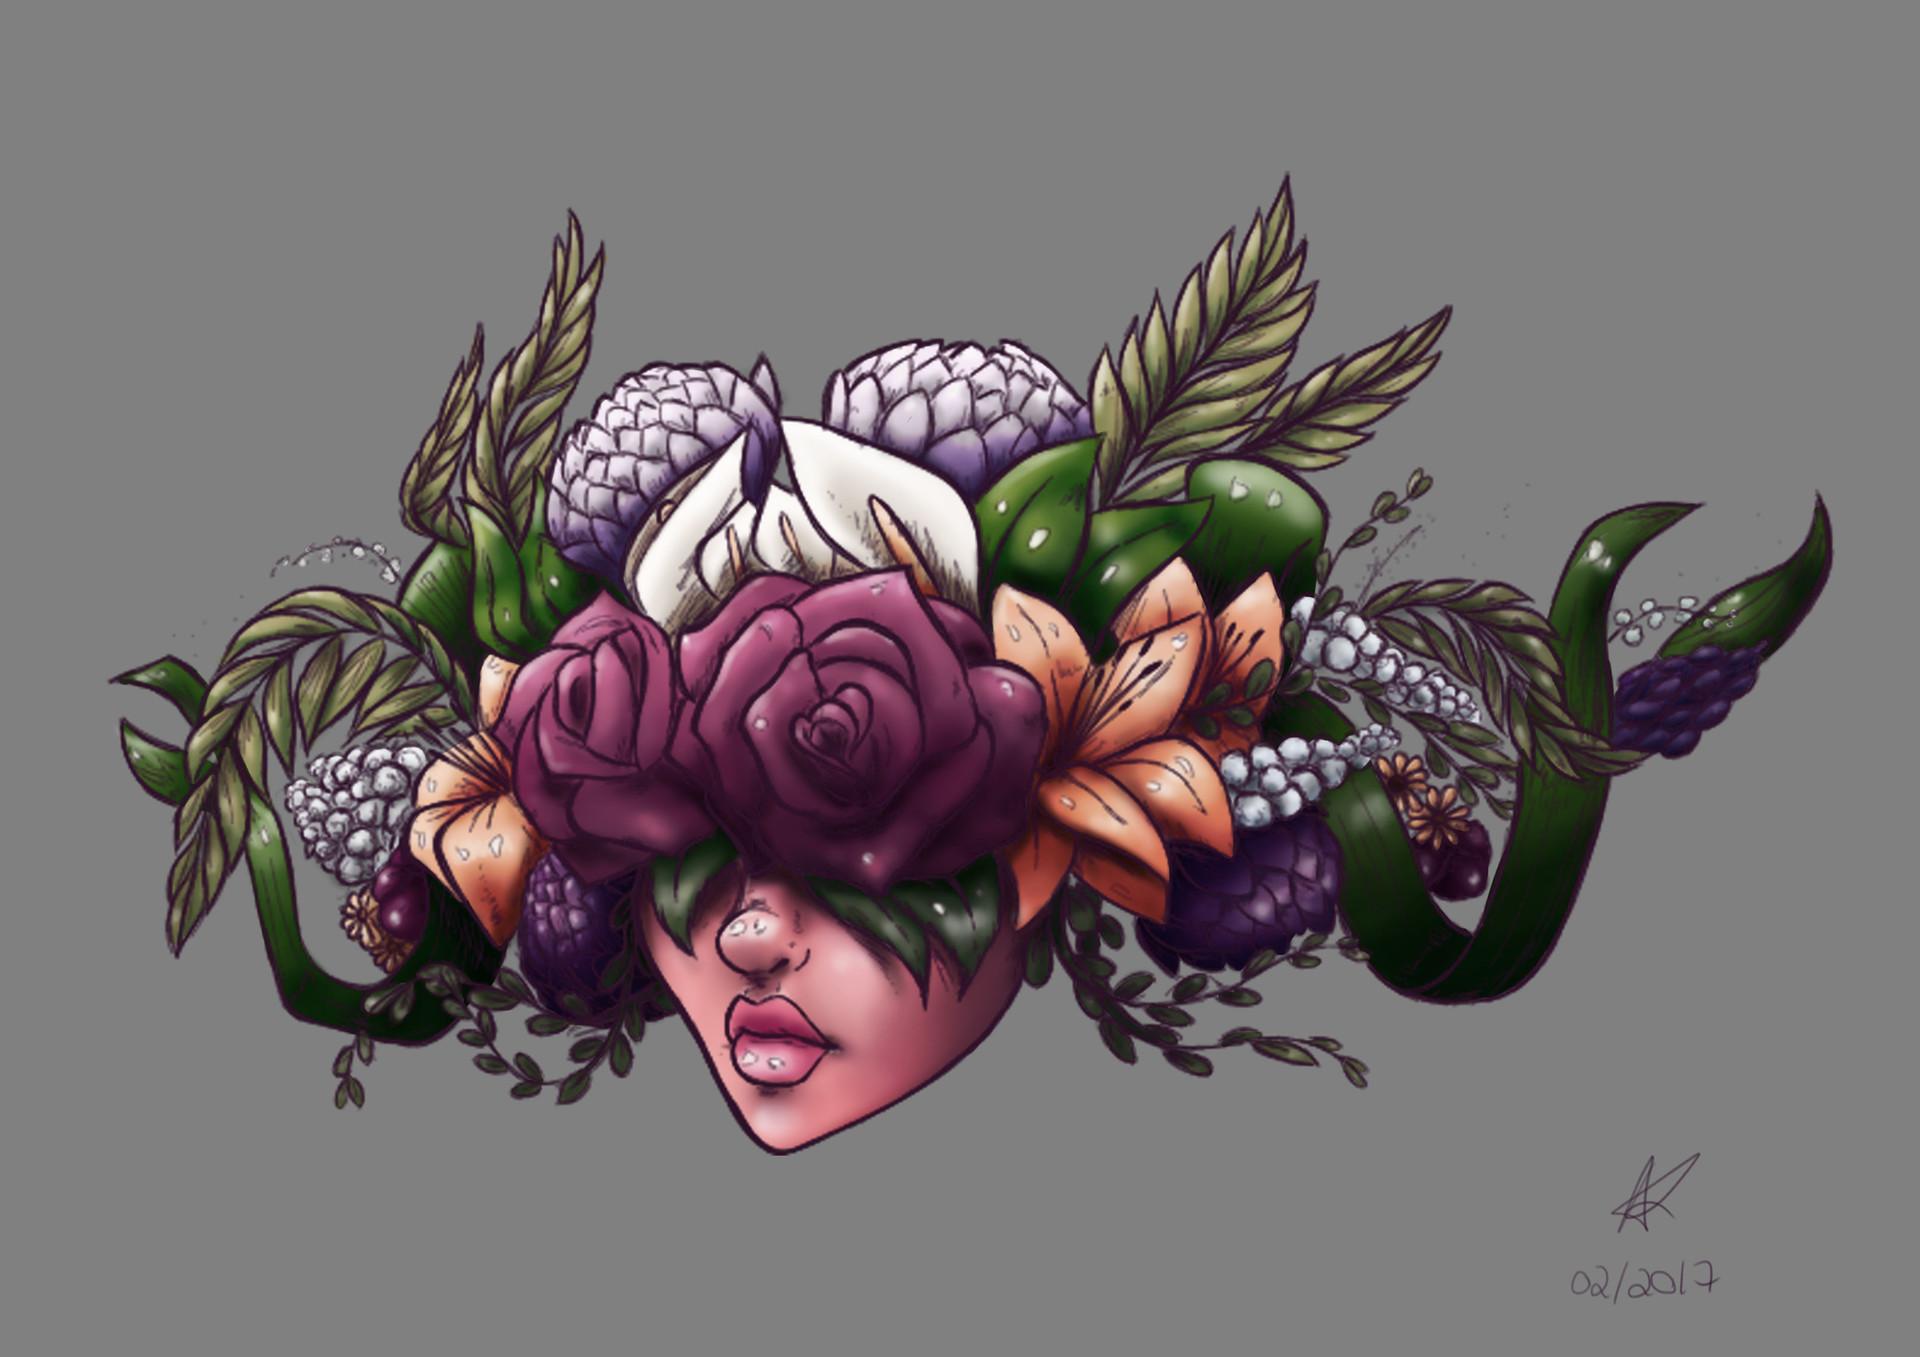 Digi nana flowers6